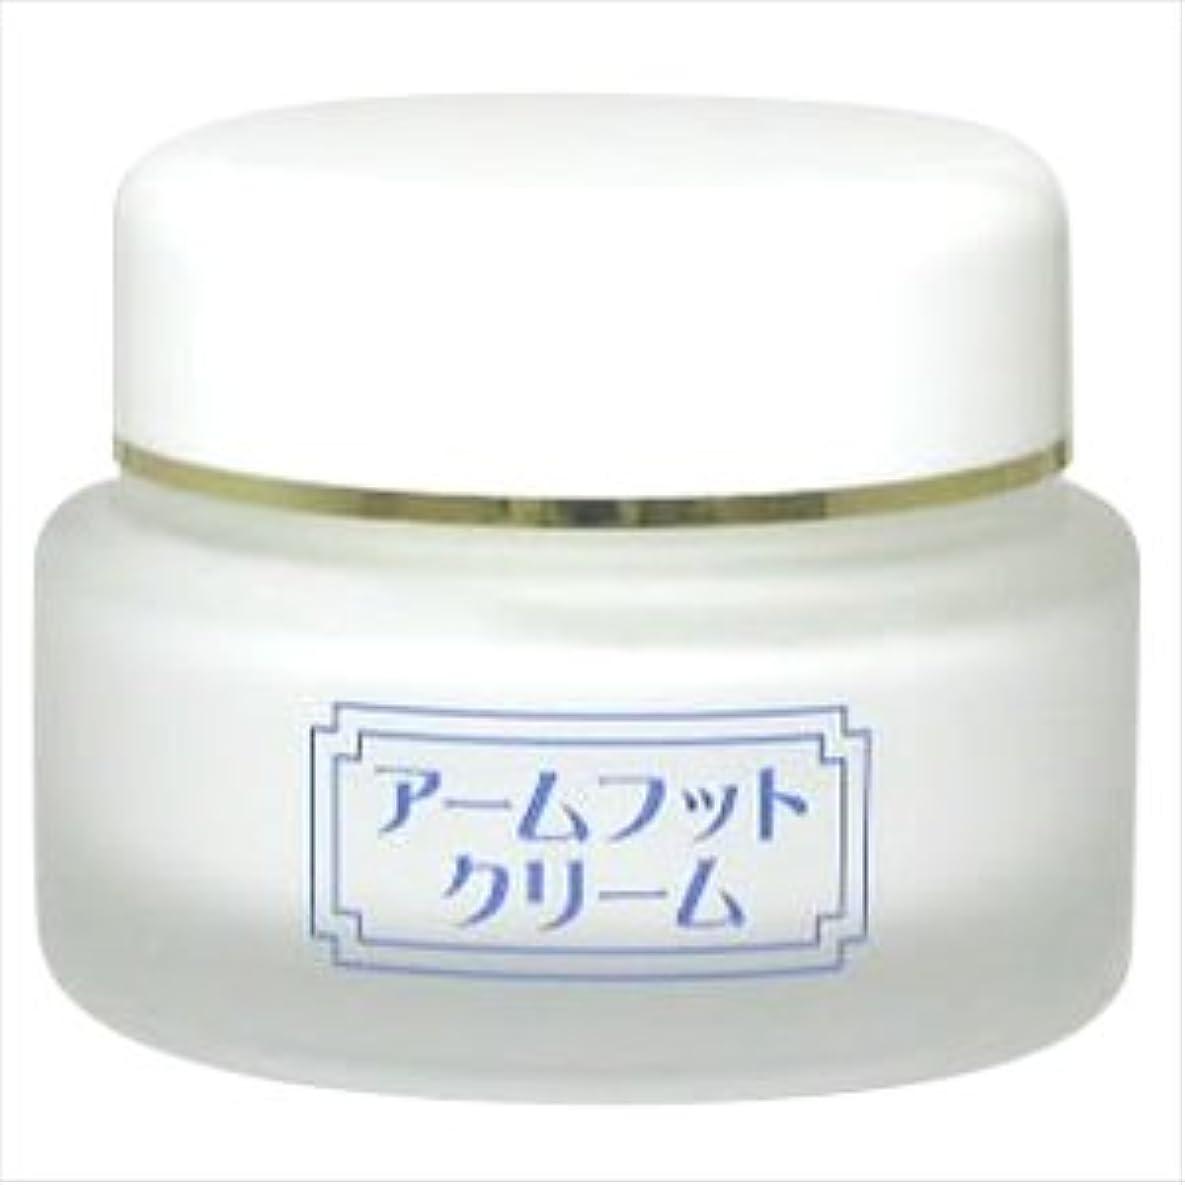 気難しい腐食する魅了する薬用デオドラントクリーム アームフットクリーム(20g) (1個)